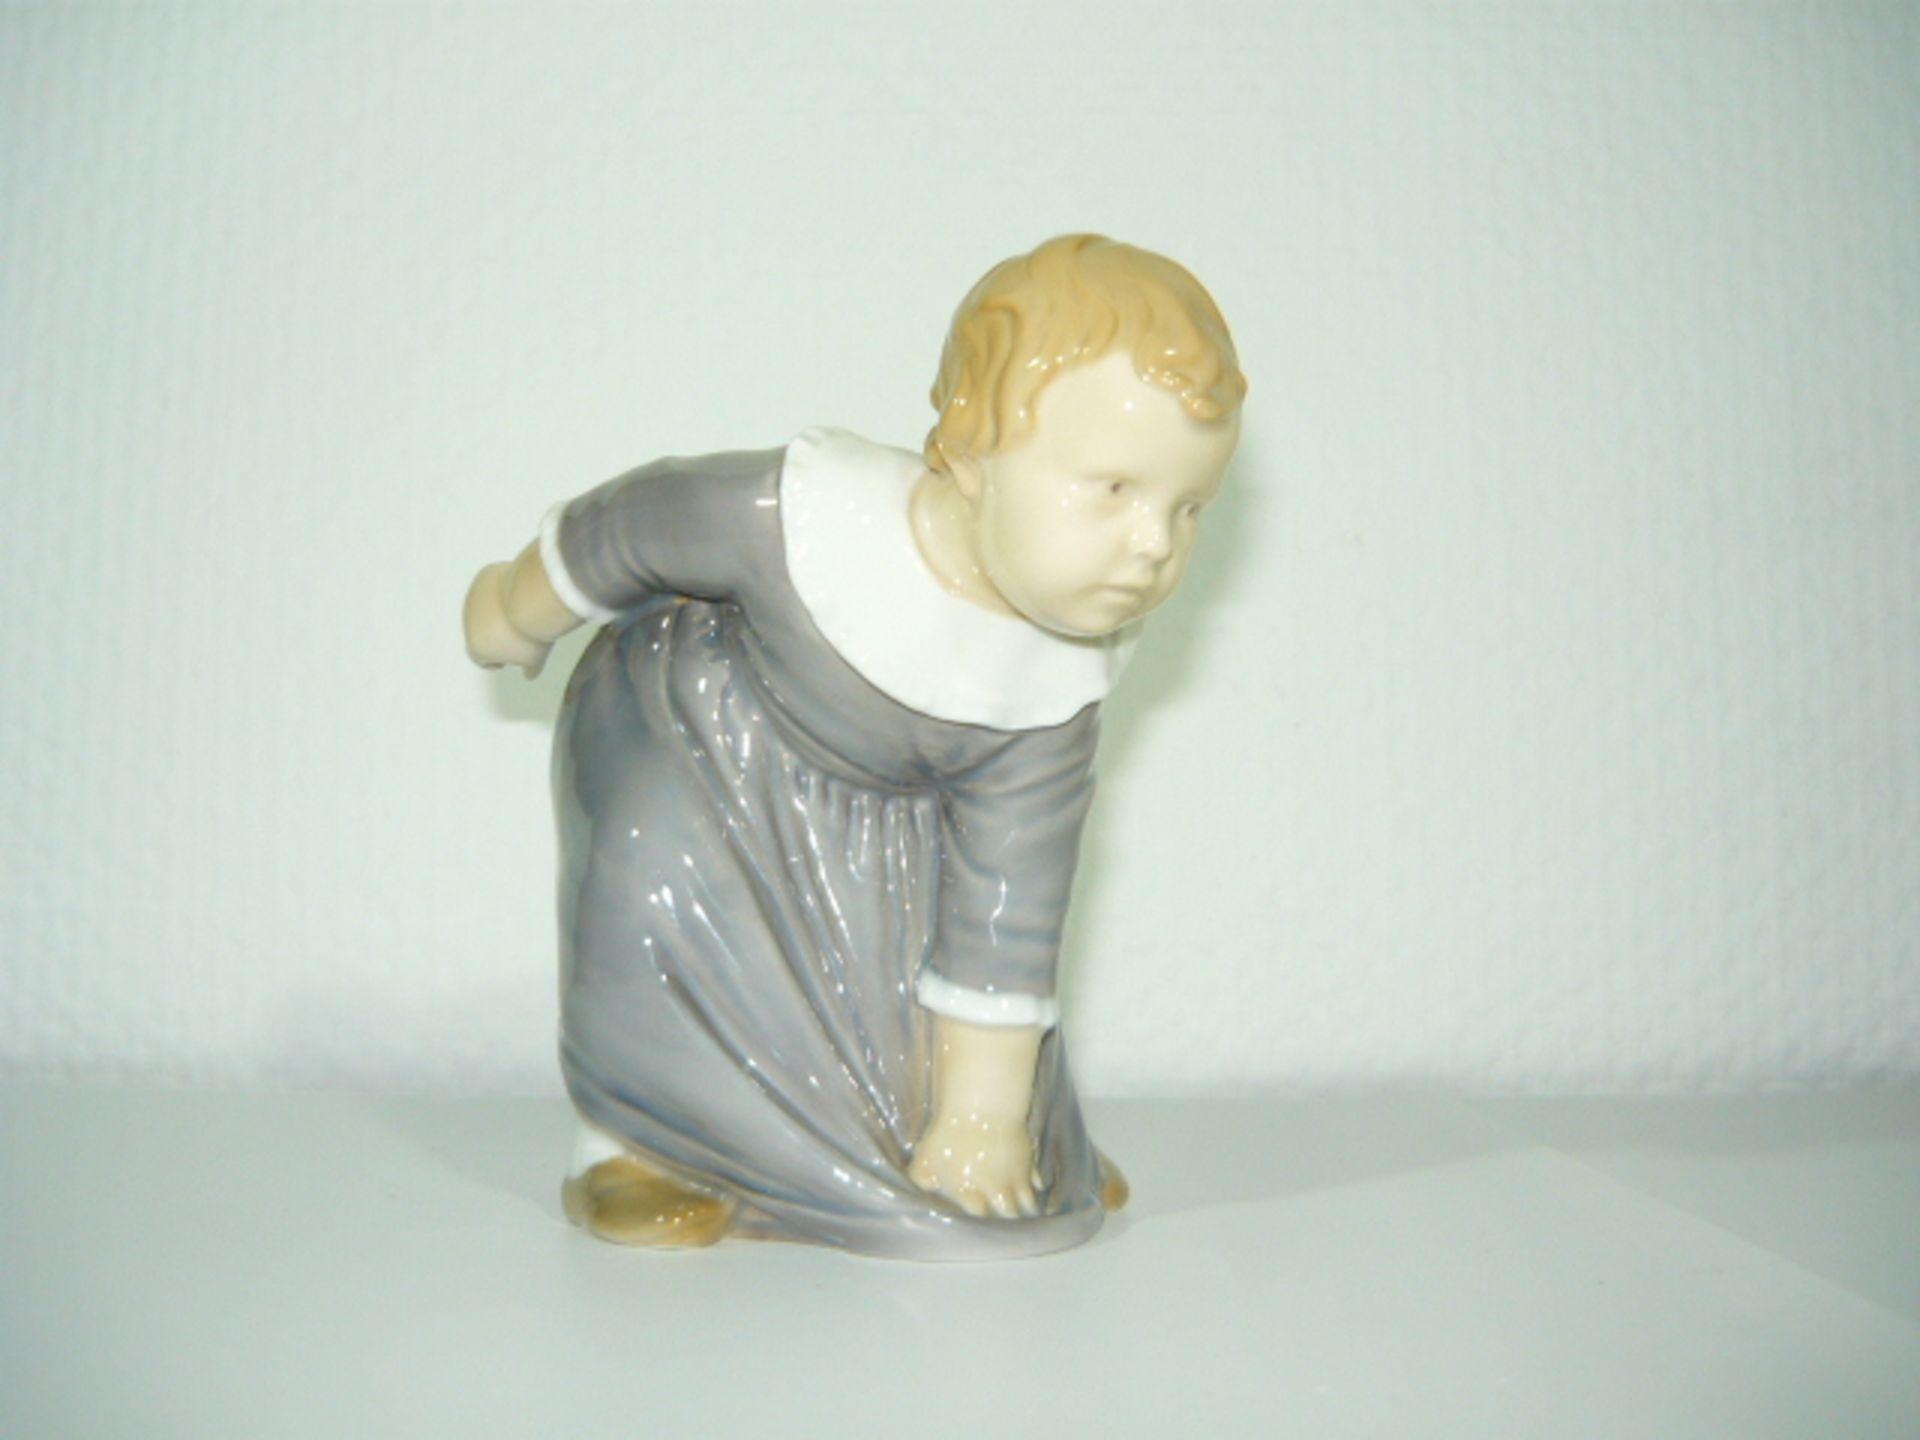 B&G Copenhagen. Seltene Kinderfigur. Um oder nach 1900. H. ca. 14cm. KOSTENLOSER VERSAND INNERHALB